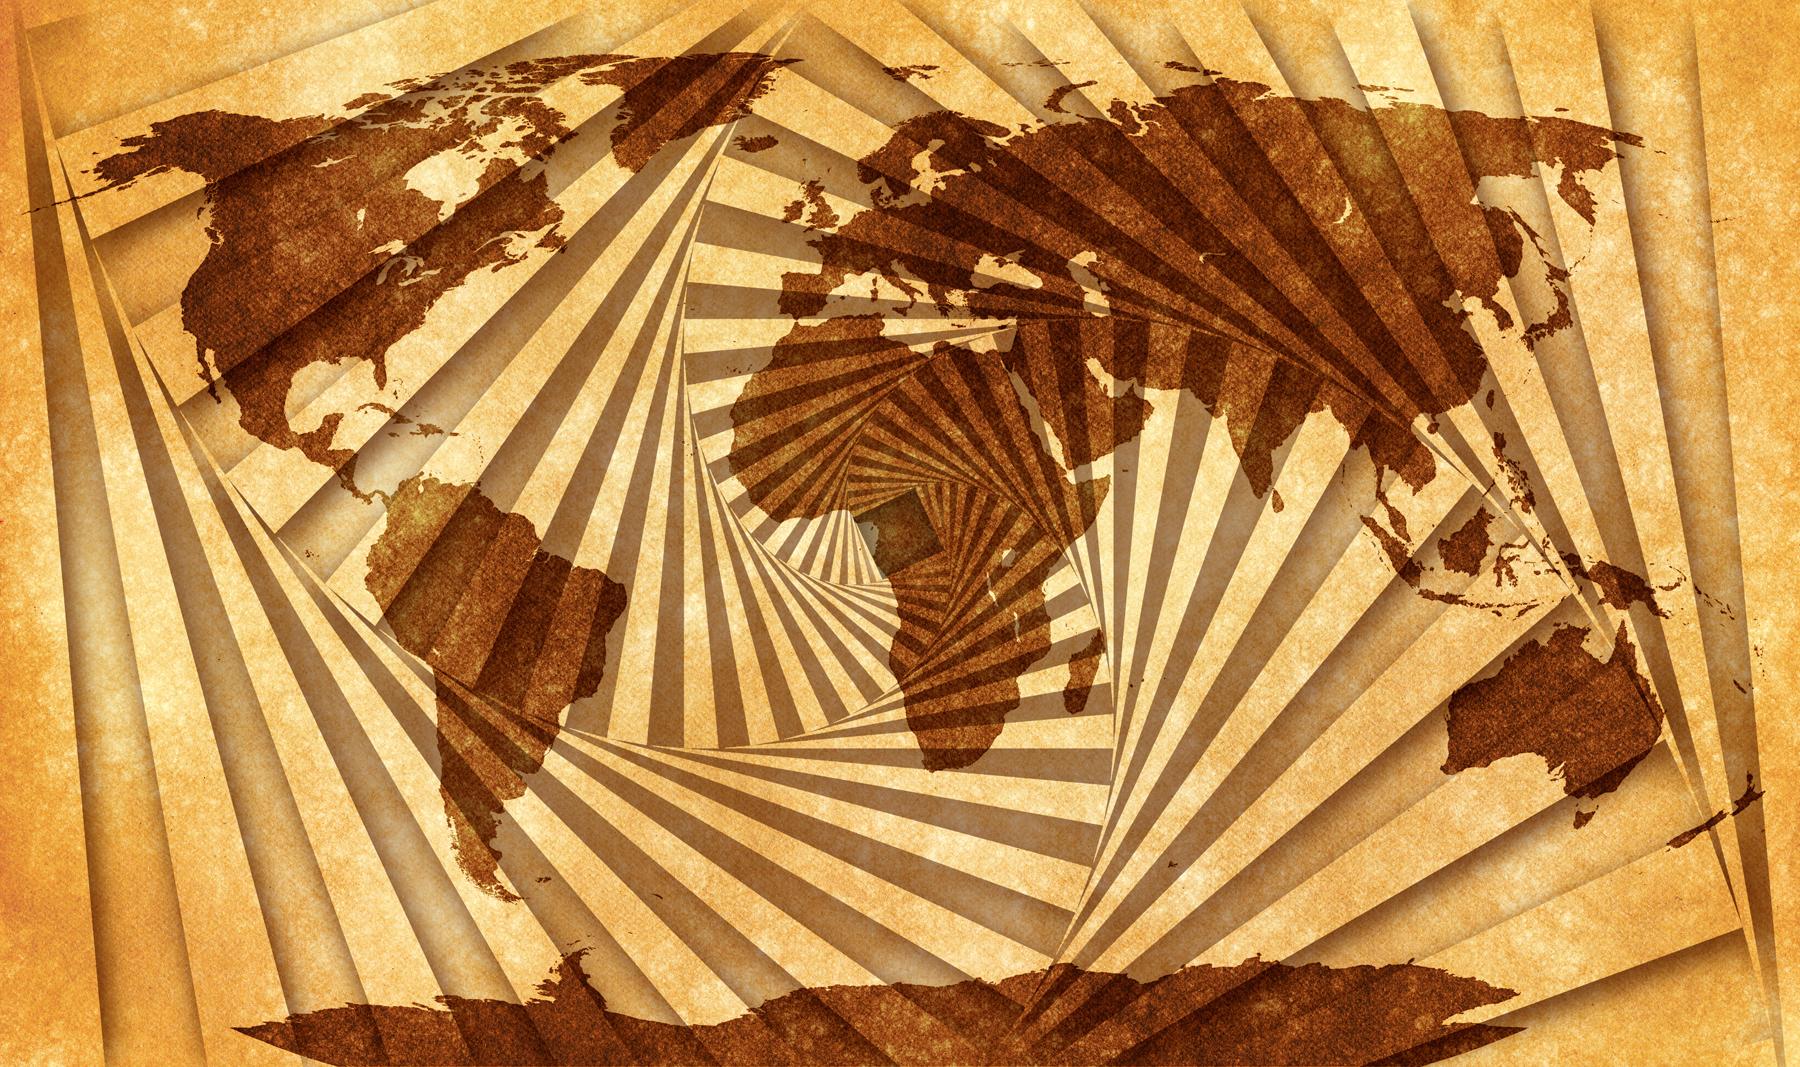 World grunge map - spiral tunnel photo